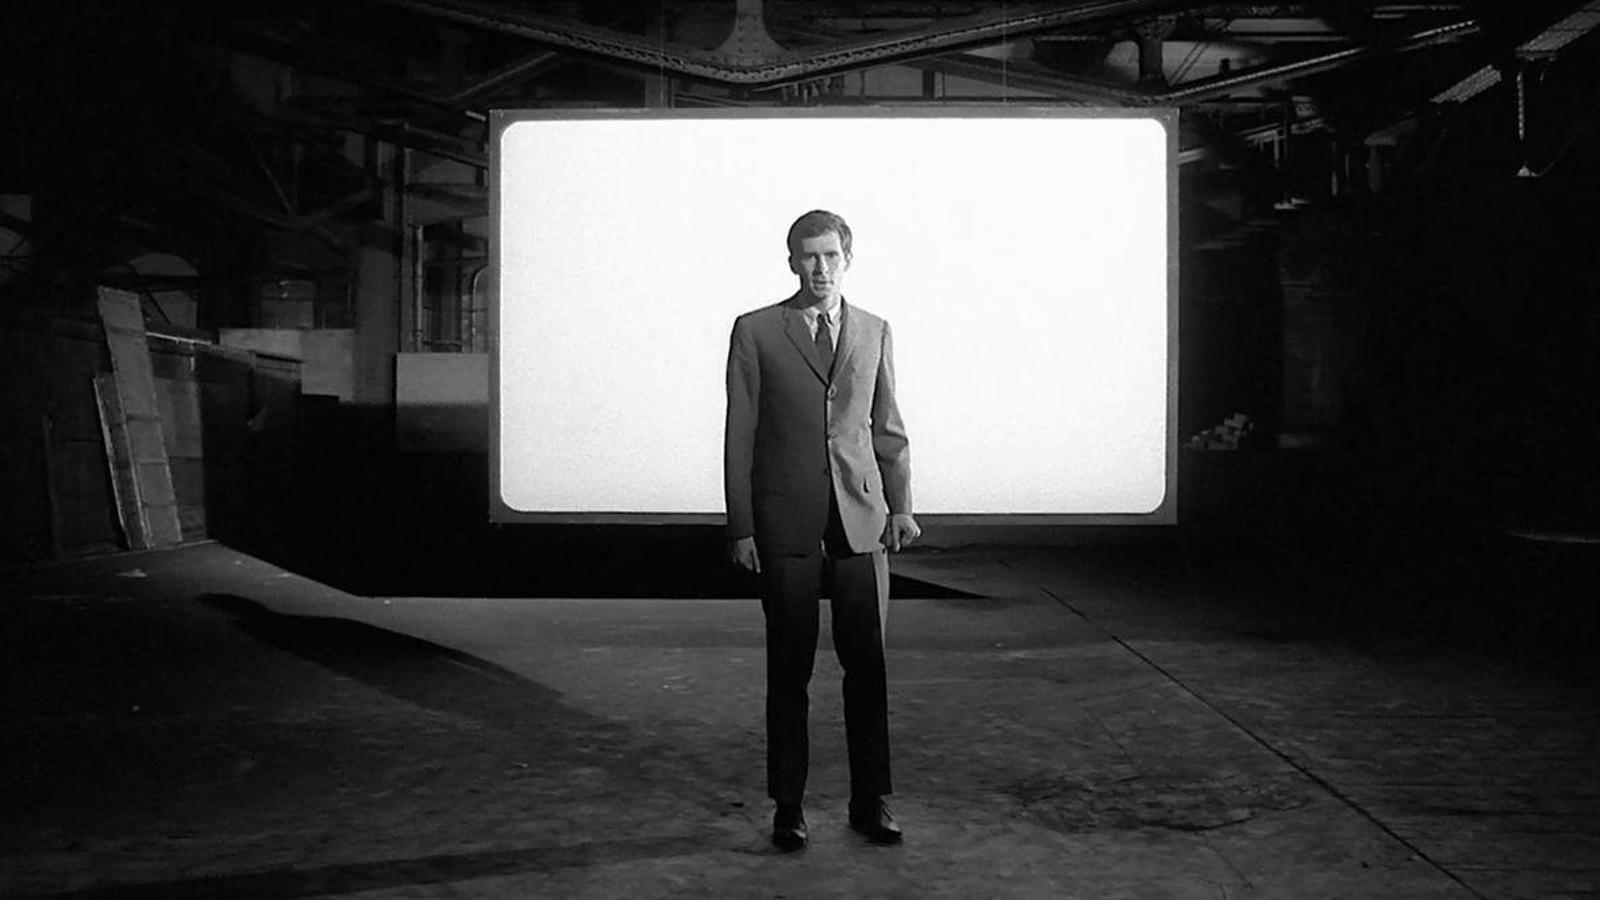 Fotograma de la magnífica versió cinematogràfica del llibre de Kafka que va escriure i dirigir Orson Welles el 1962.